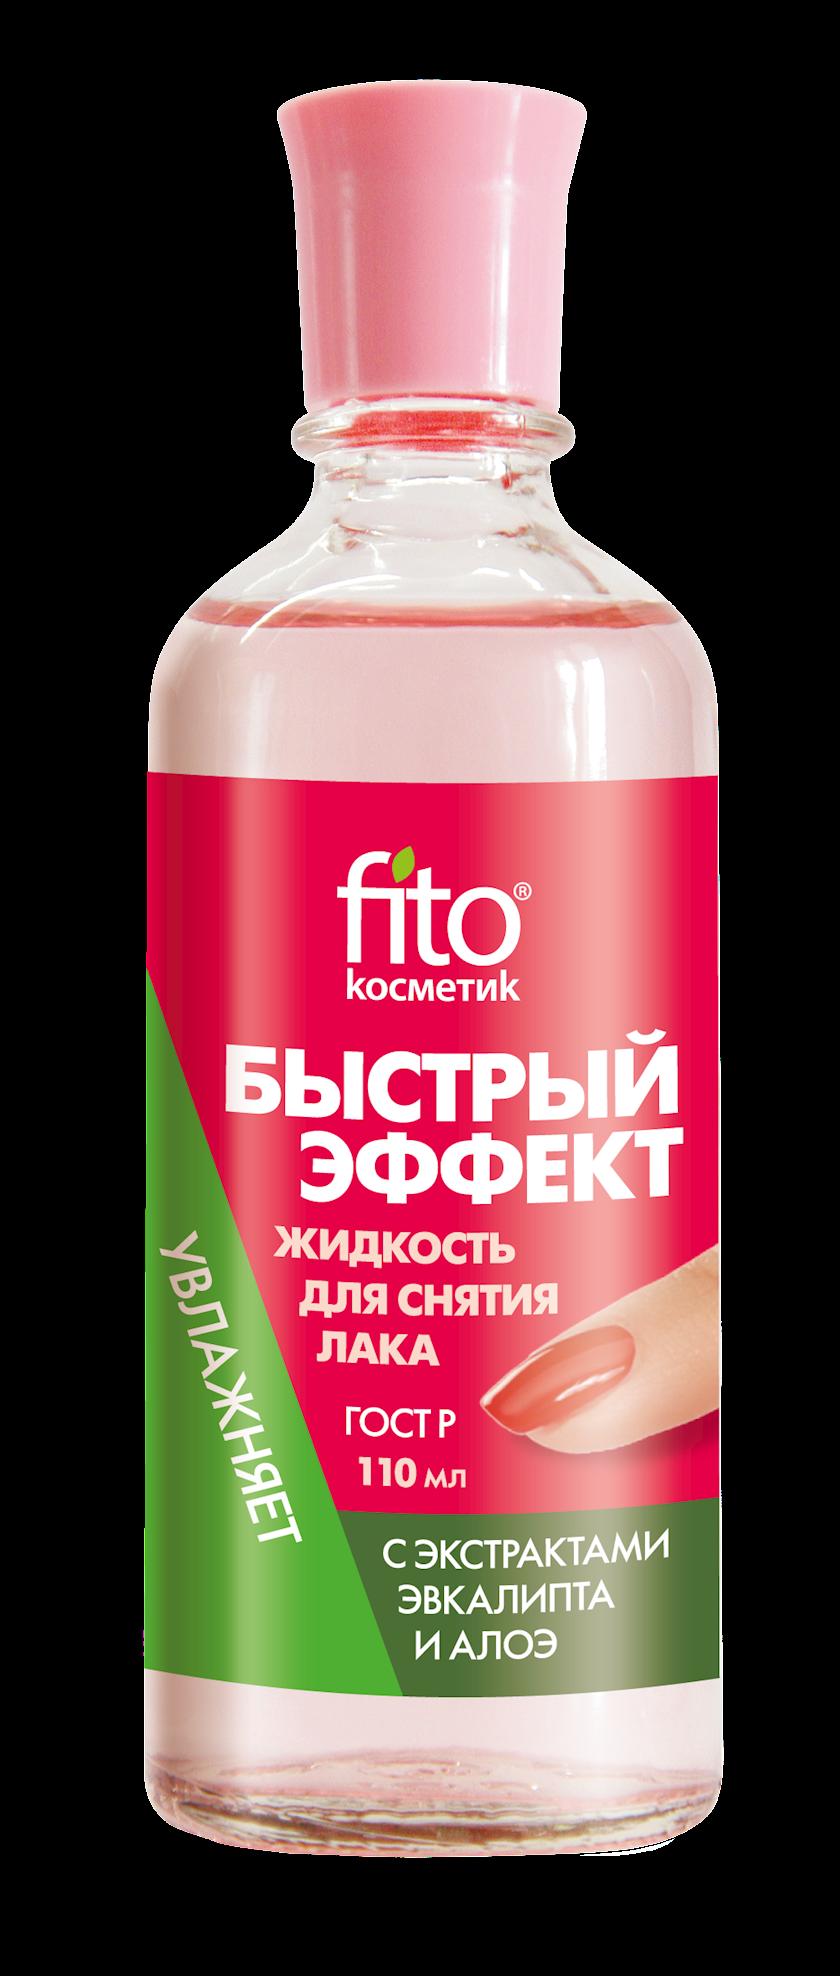 Dırnaq boyasının silinməsi üçün mayə Фитокосметик Sürətli Təsir Evkalipt və Aloe ekstraktı ilə 110 ml